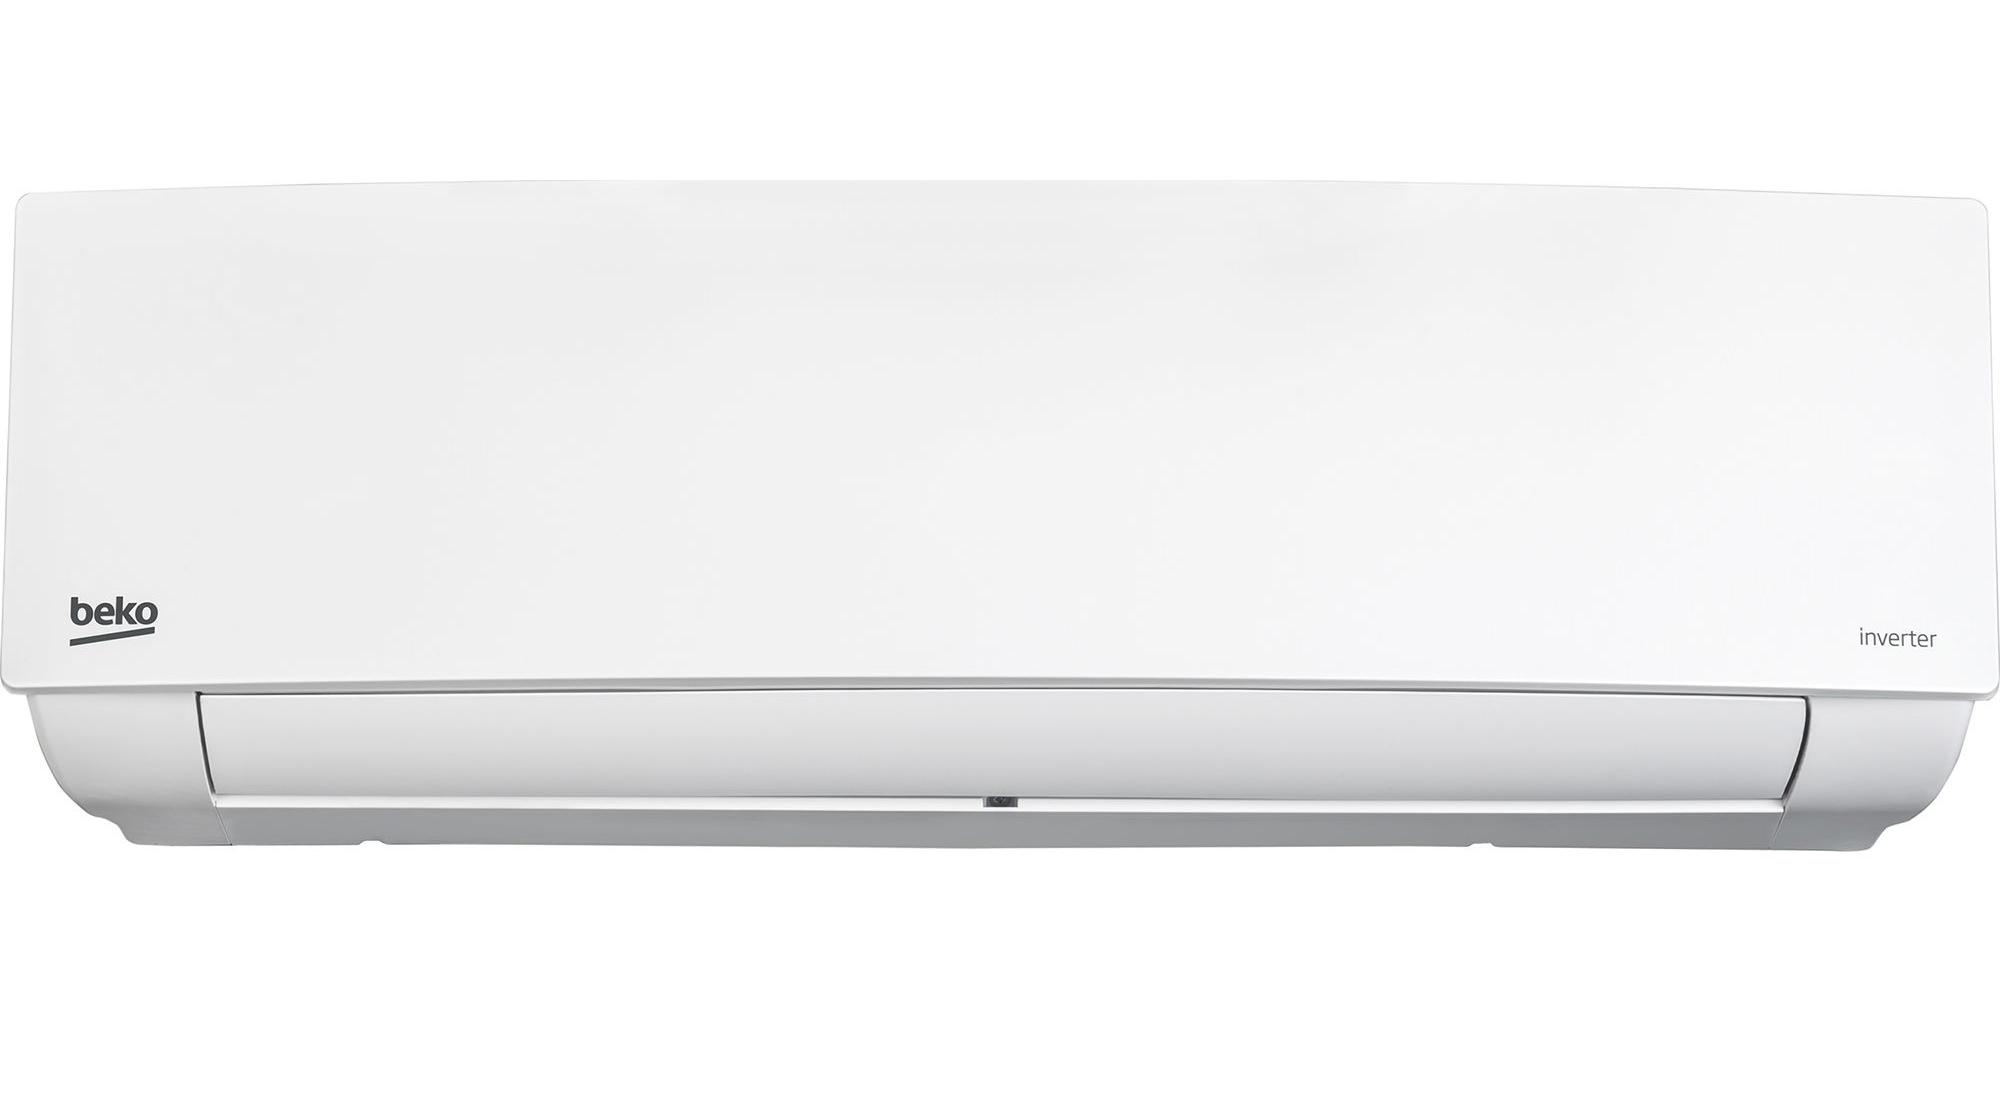 Климатик Beko BHIN 120 Slim, 12000 BTU, Калс A++, Филтър Cold Plasma Ion Generator, Филтър 4 в 1, Отстранява влагата, Комплект за инсталиране, Бял